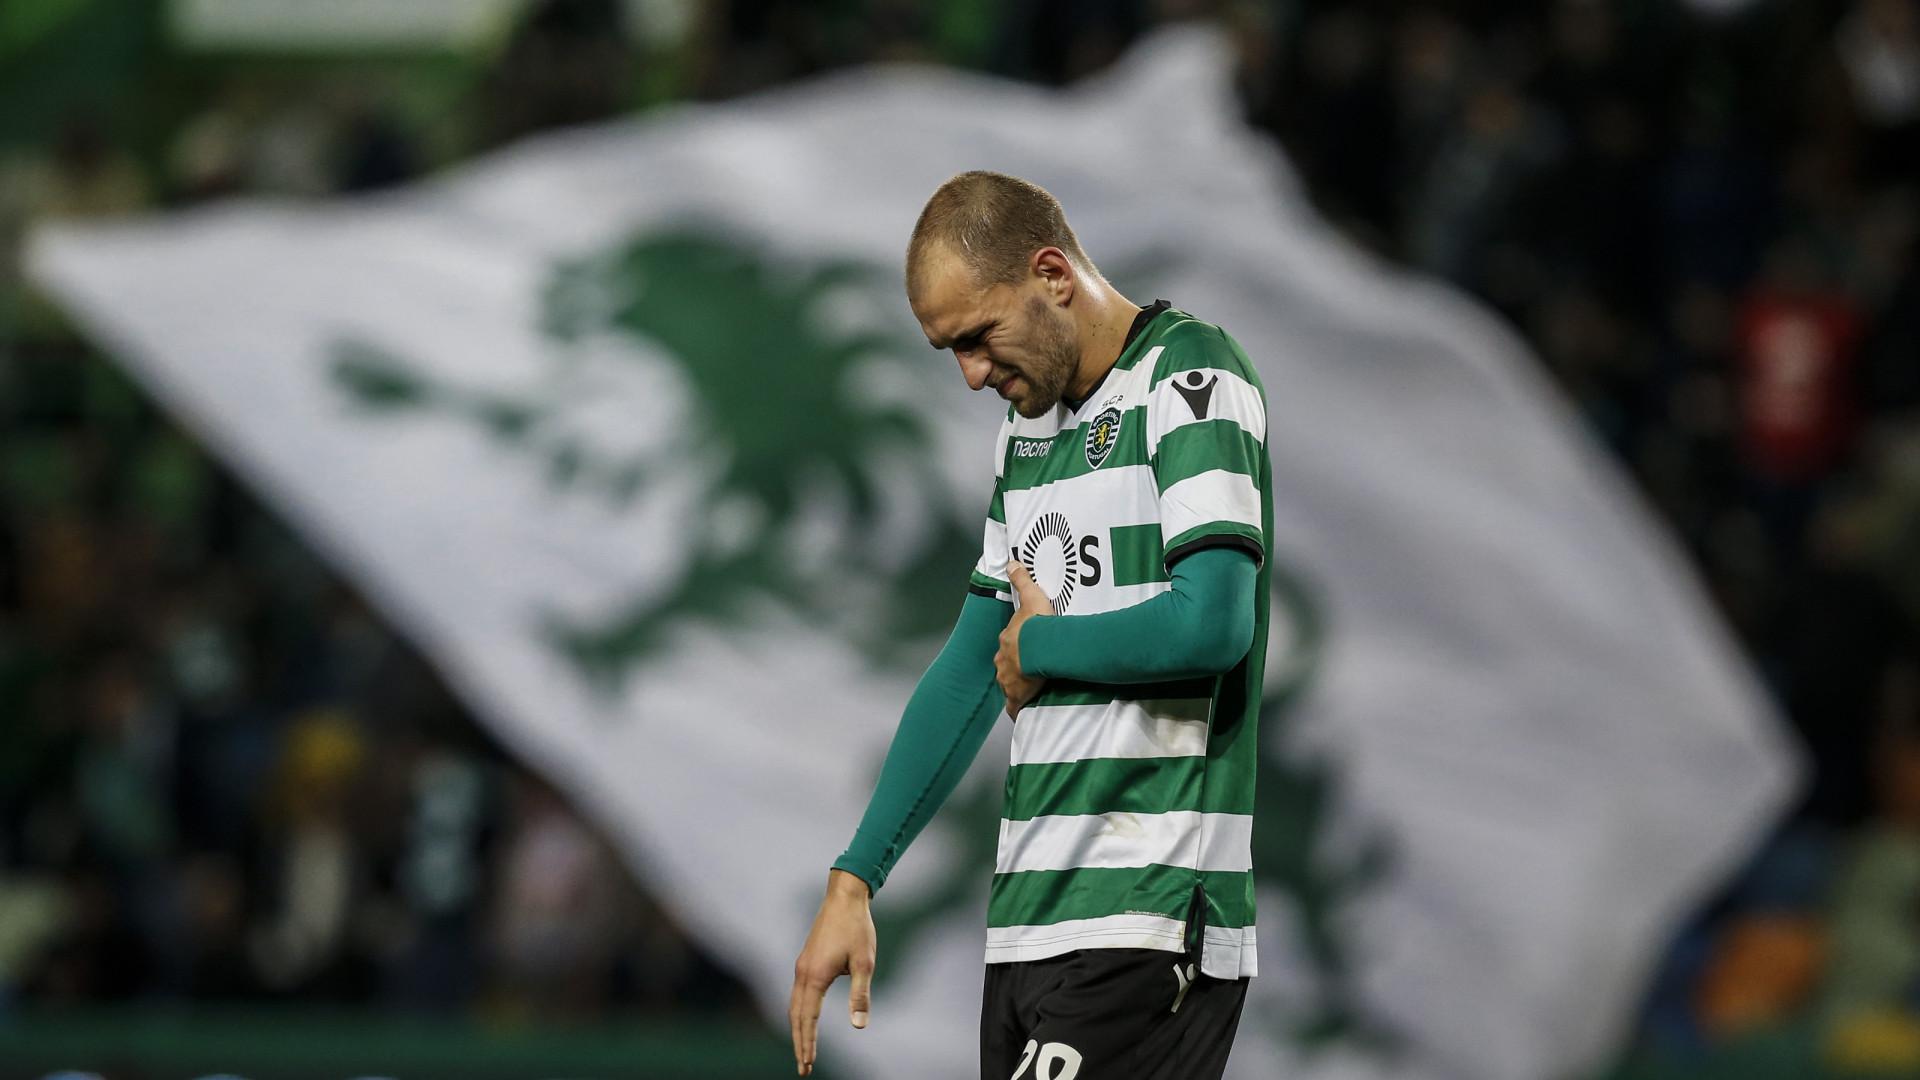 Sporting: Veja os lances polémicos decididos pelo VAR